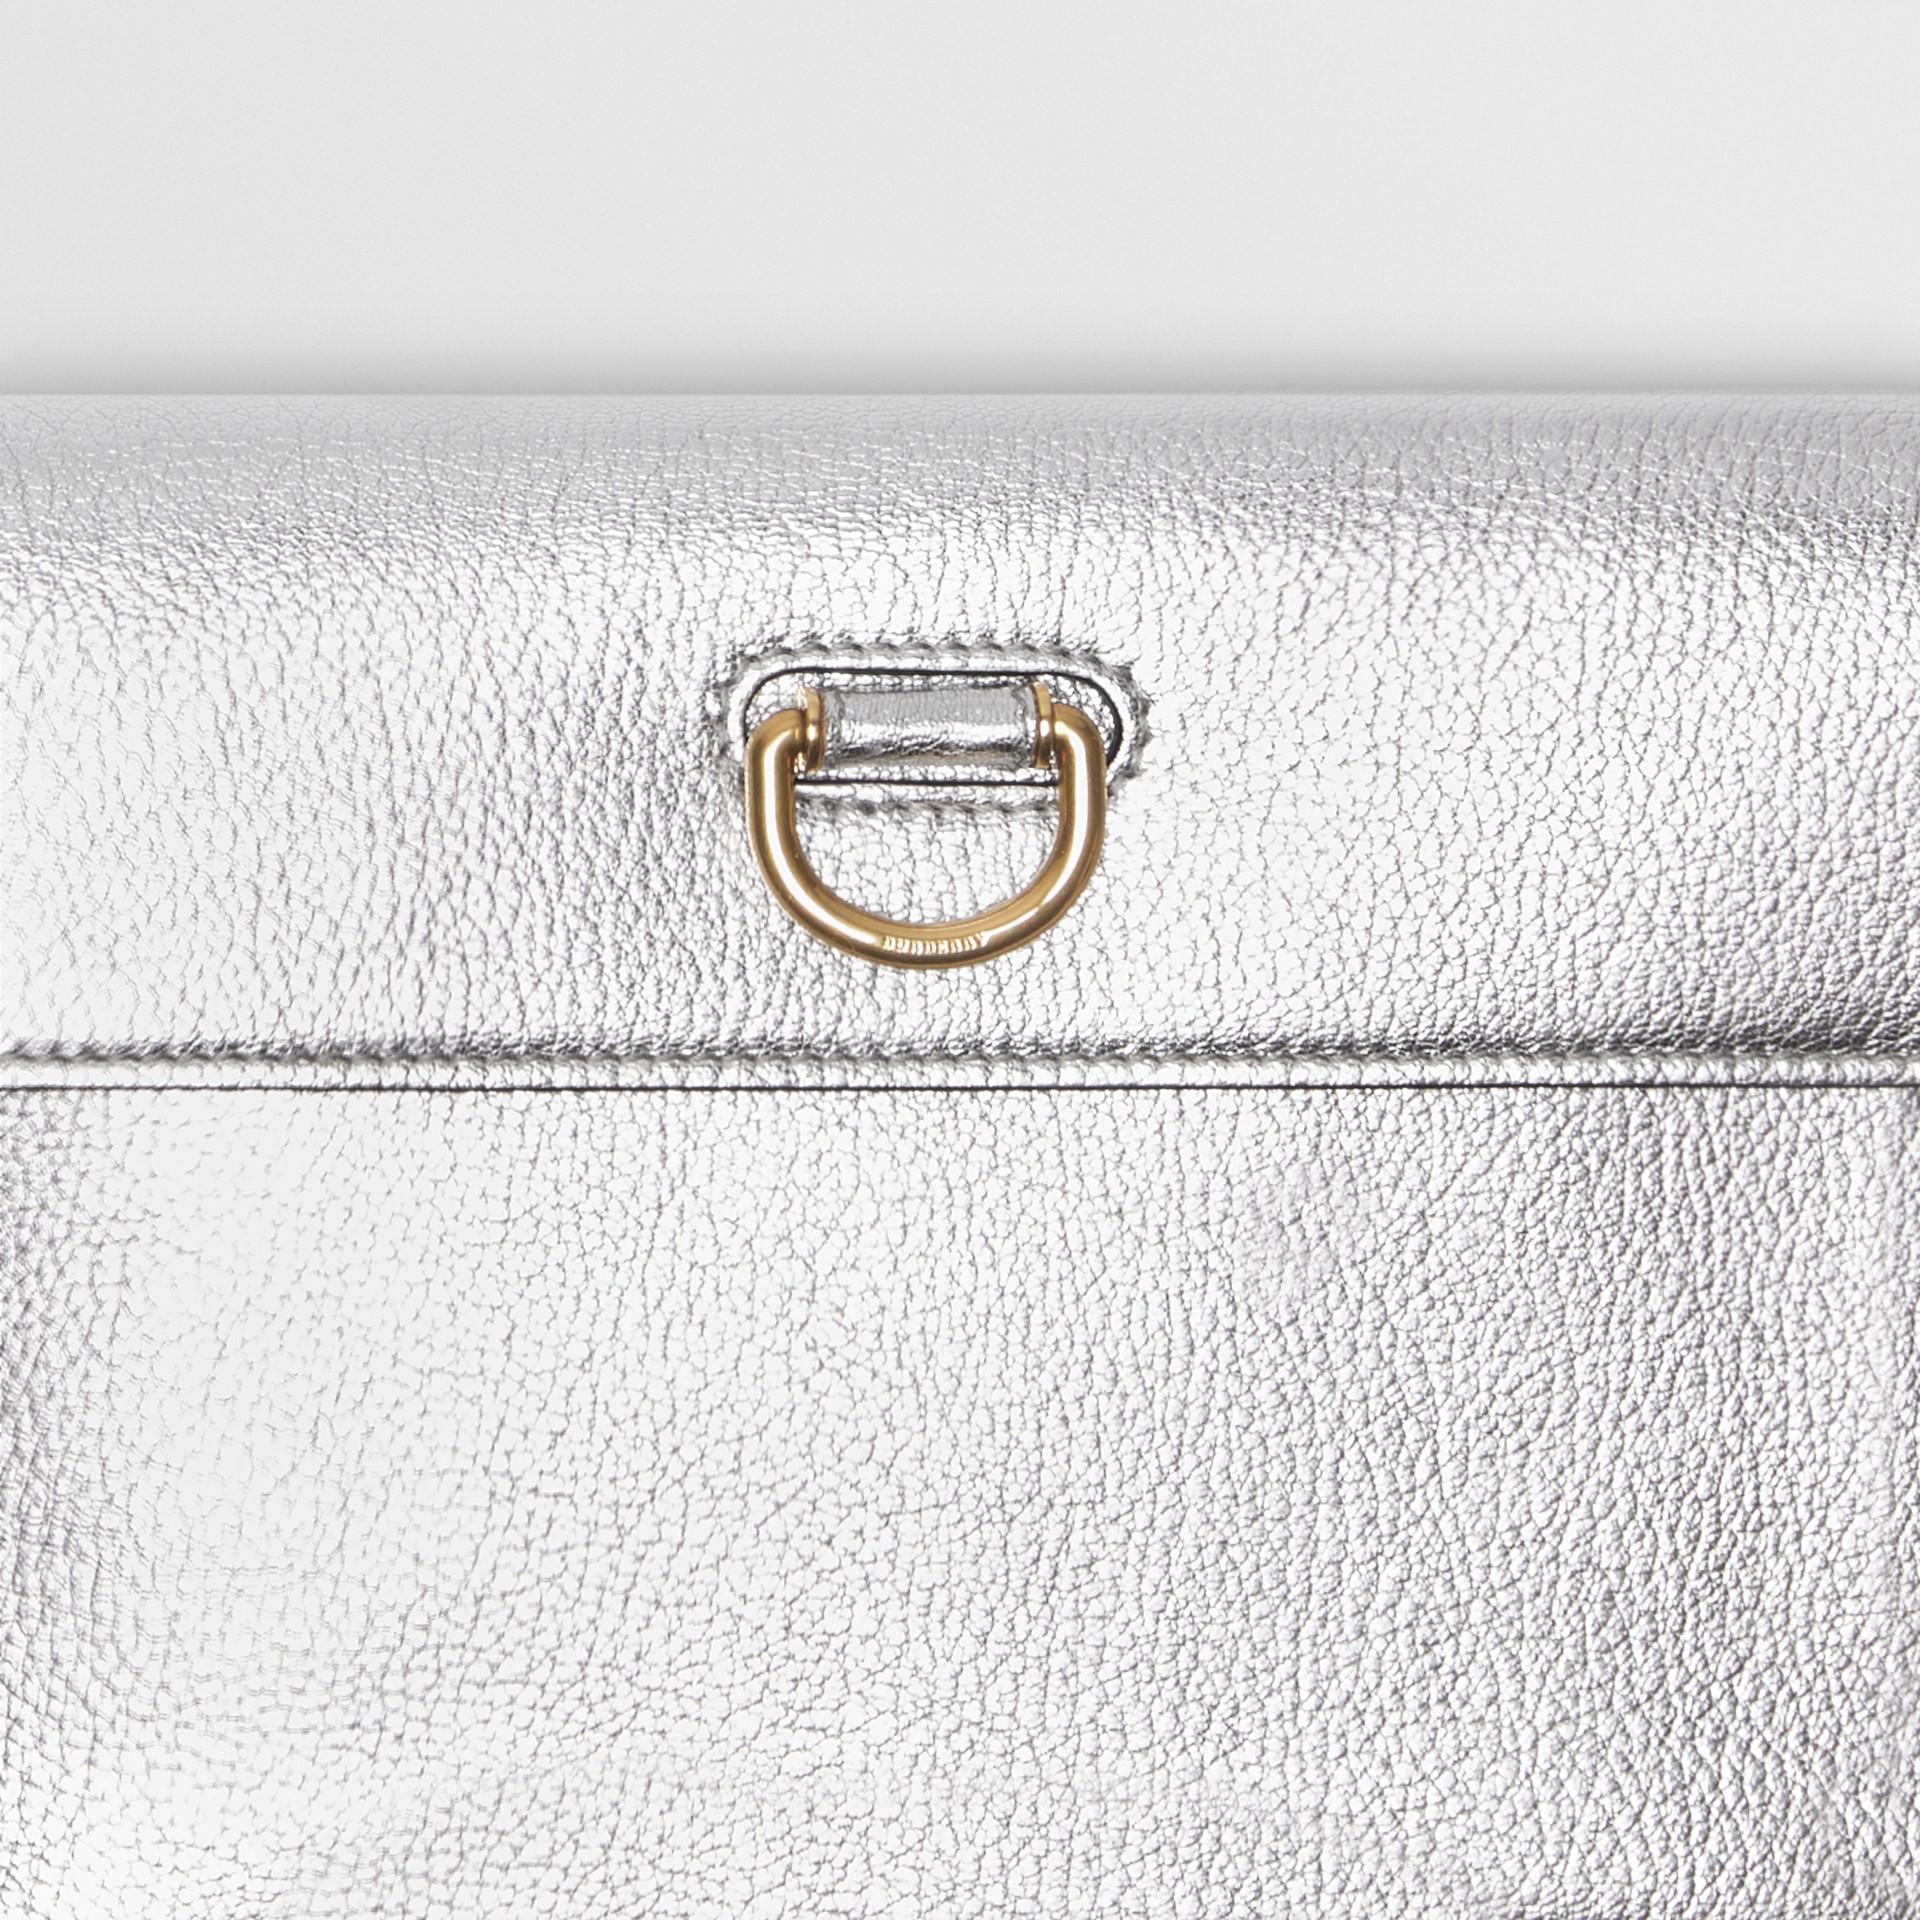 Bolsa pouch de couro metalizado com argola em D e porta-moedas (Prateado) - Mulheres | Burberry - galeria de imagens 1